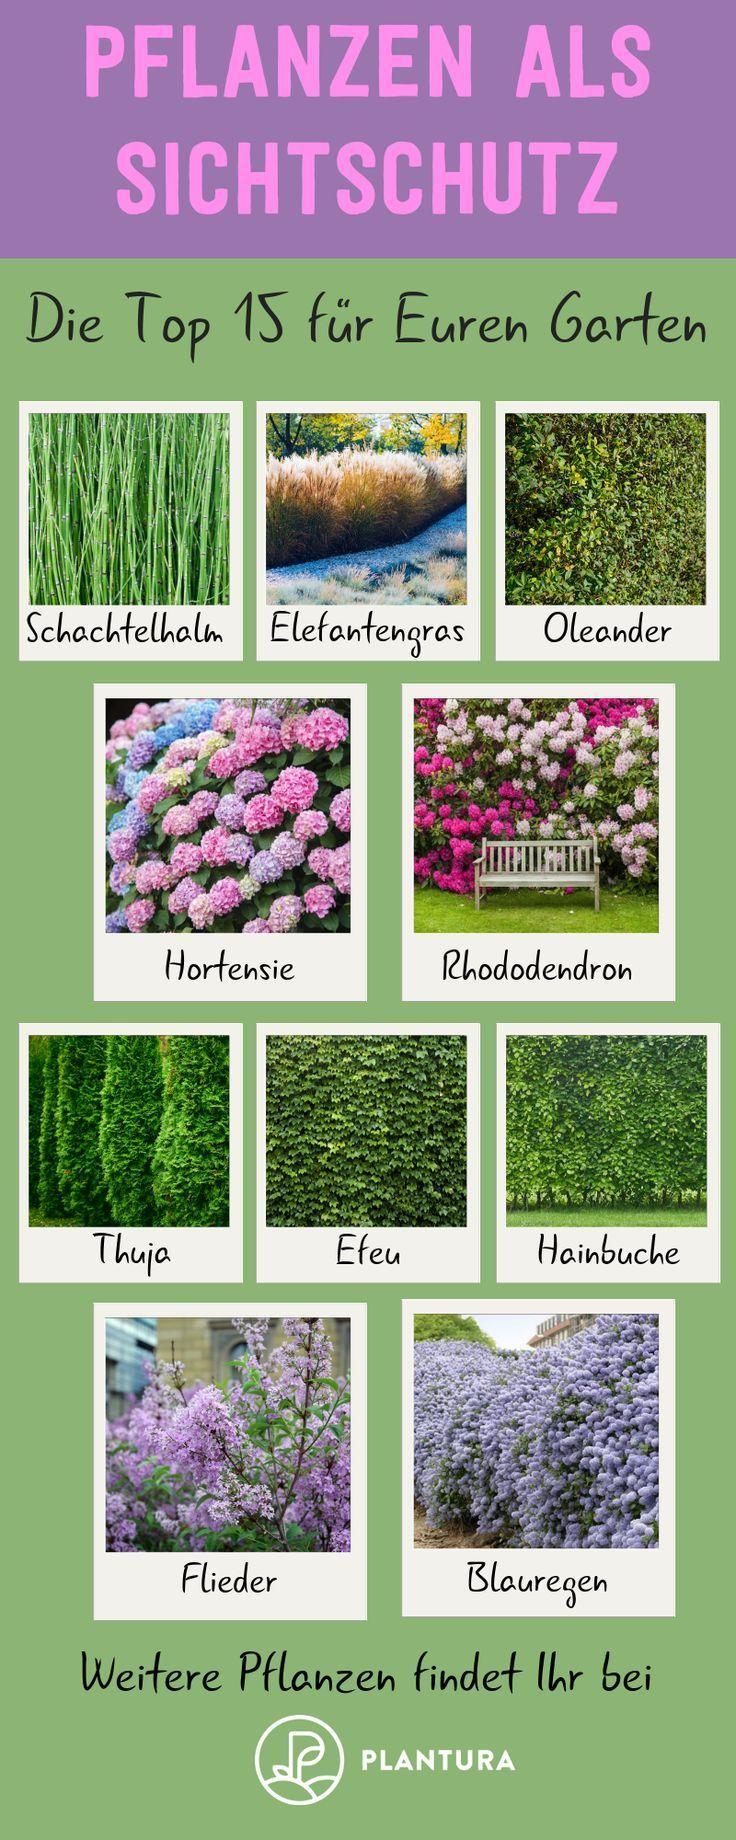 Pflanzen Als Sichtschutz Unsere Top 15 Fur Garten Balkon Balcony Plants Garden Types Outdoor Plants